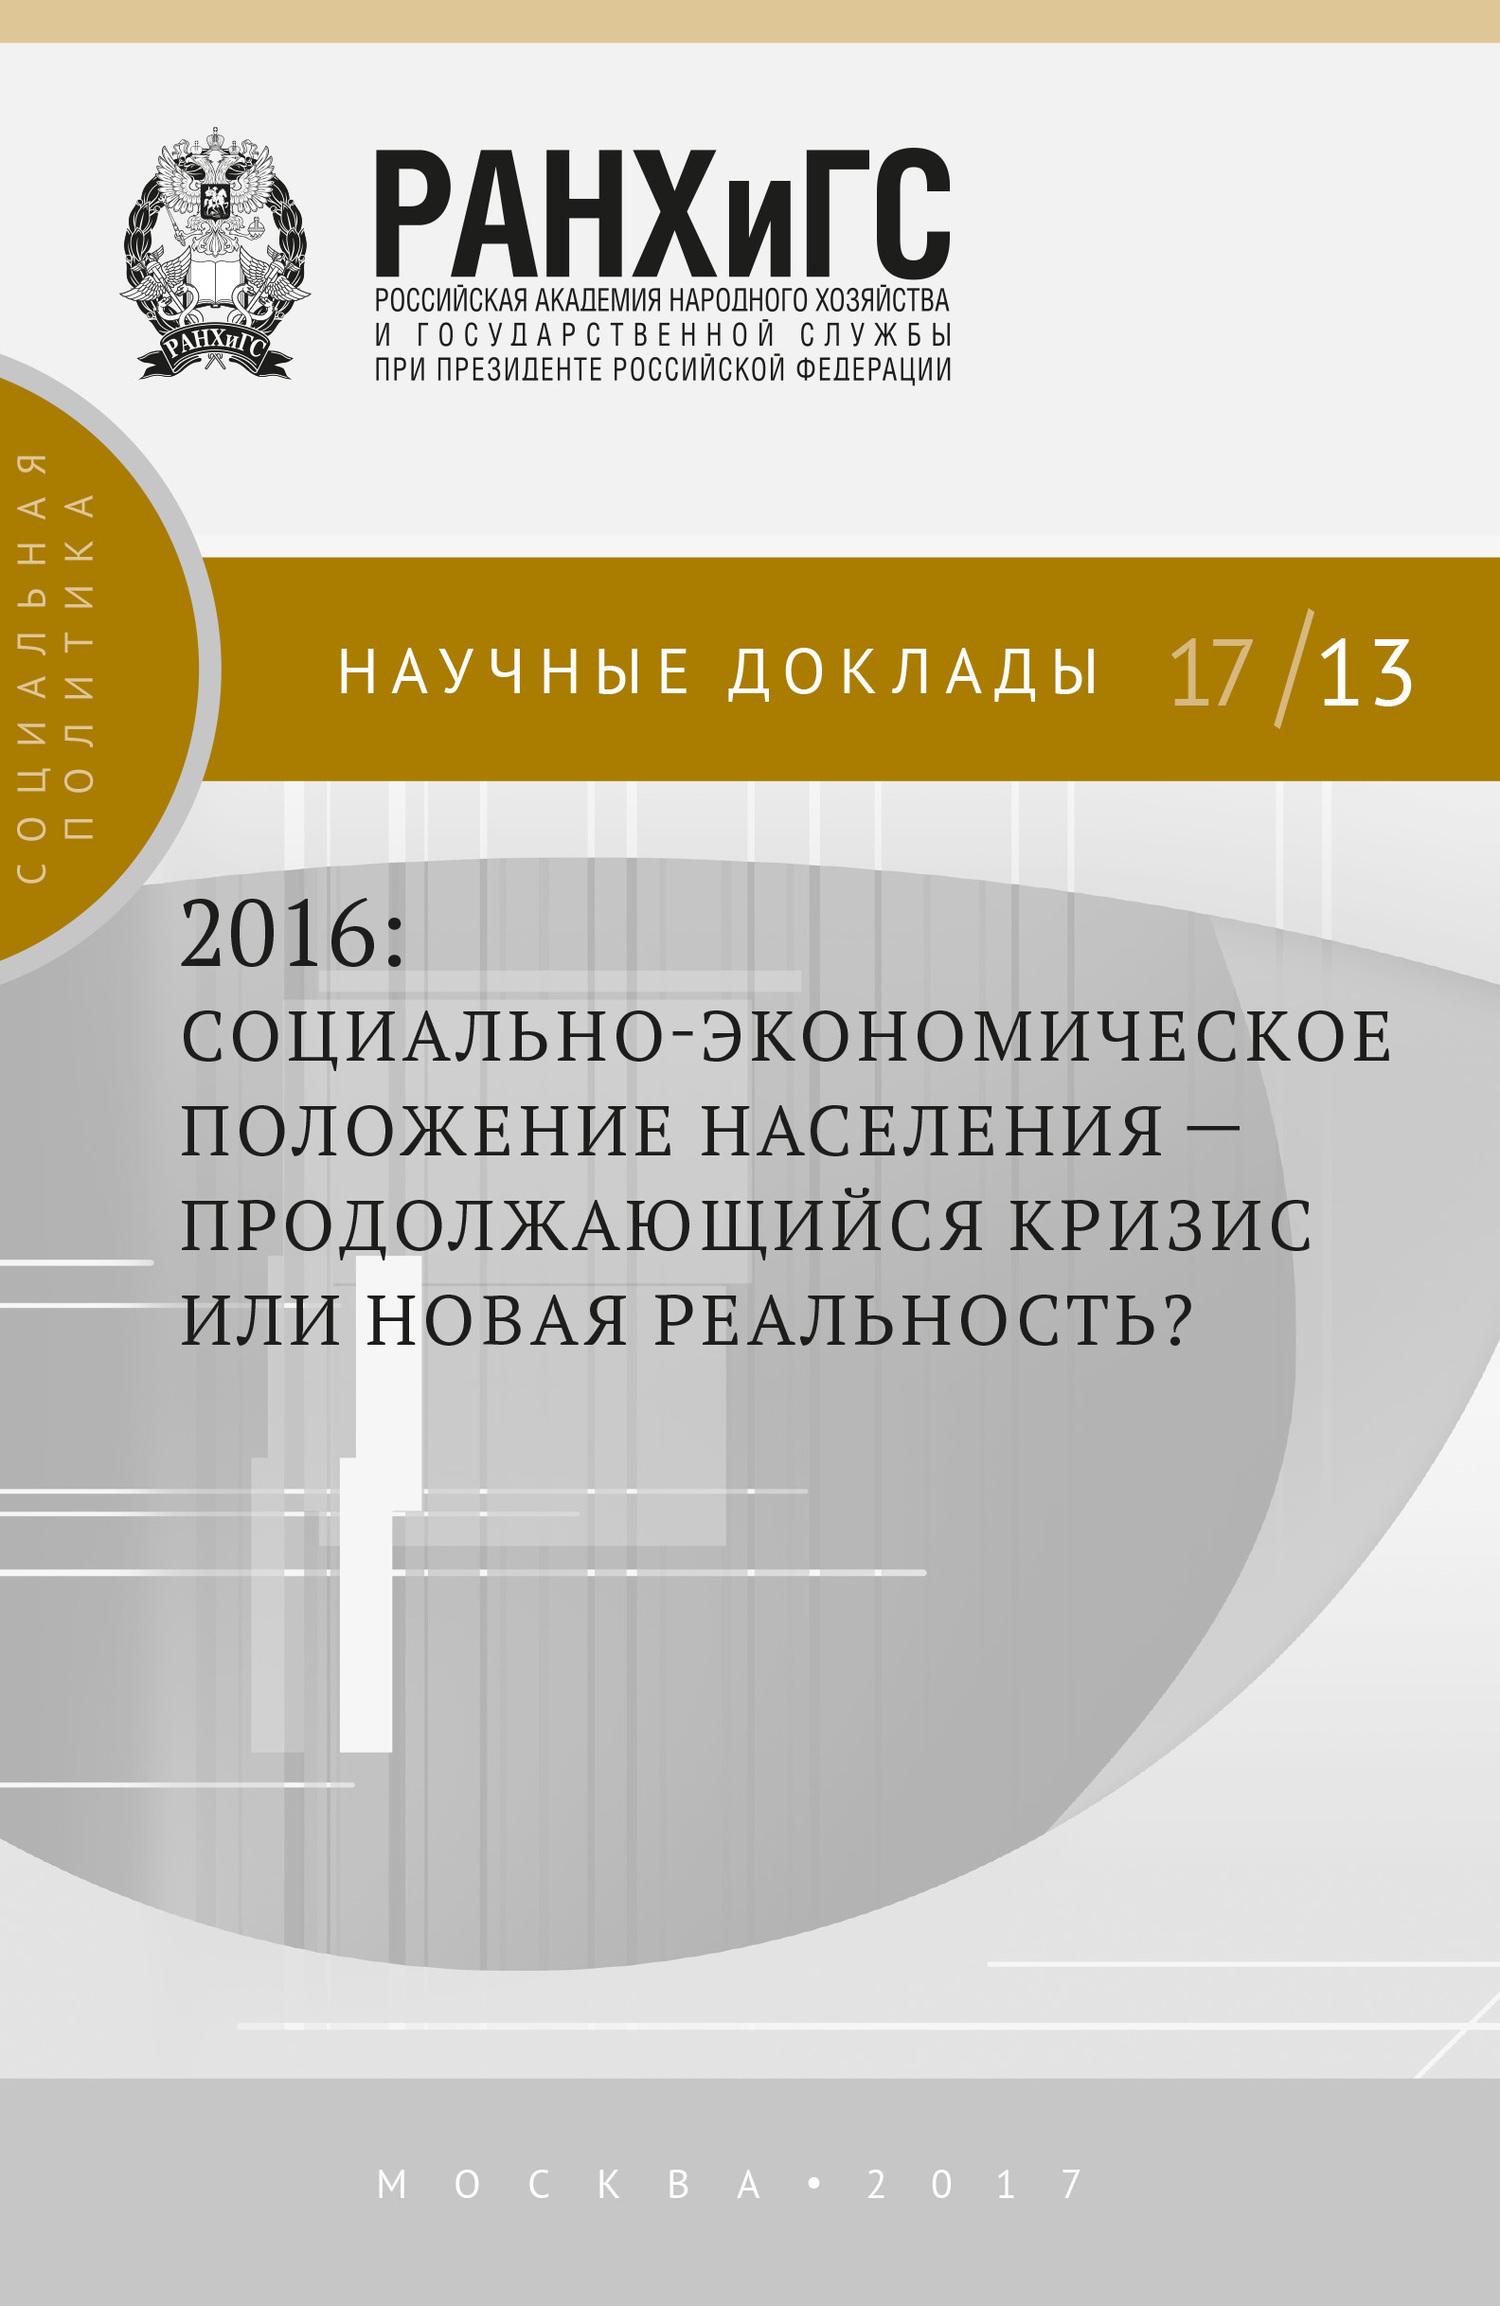 Обложка книги 2016: социально-экономическое положение населения – продолжающийся кризис или новая реальность?